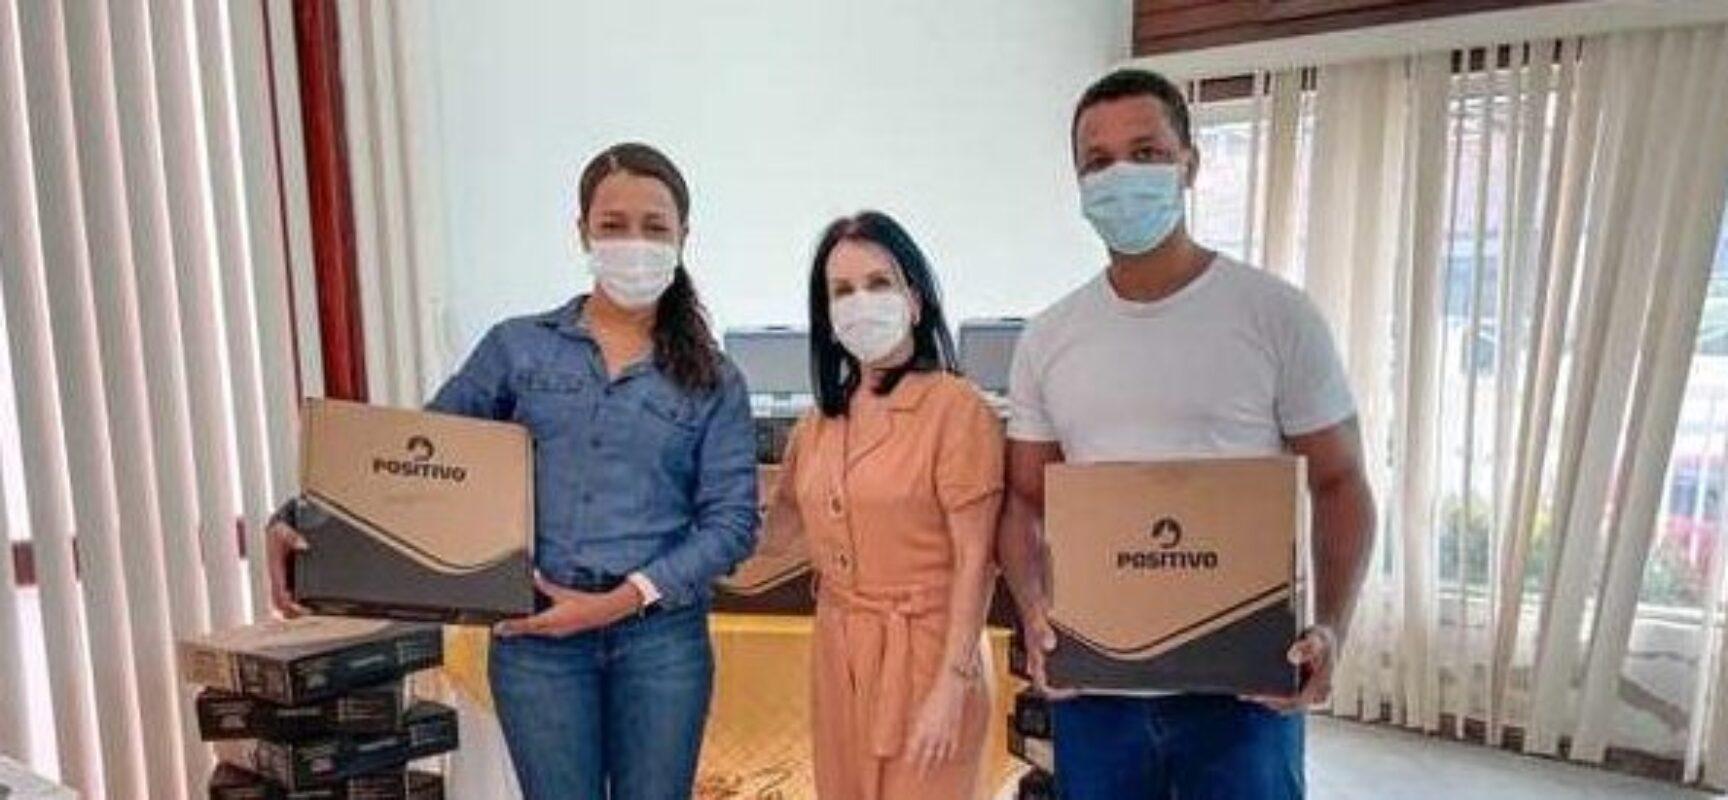 Ilhéus: Prefeitura entrega 180 netbooks para professores de 27 escolas municipais